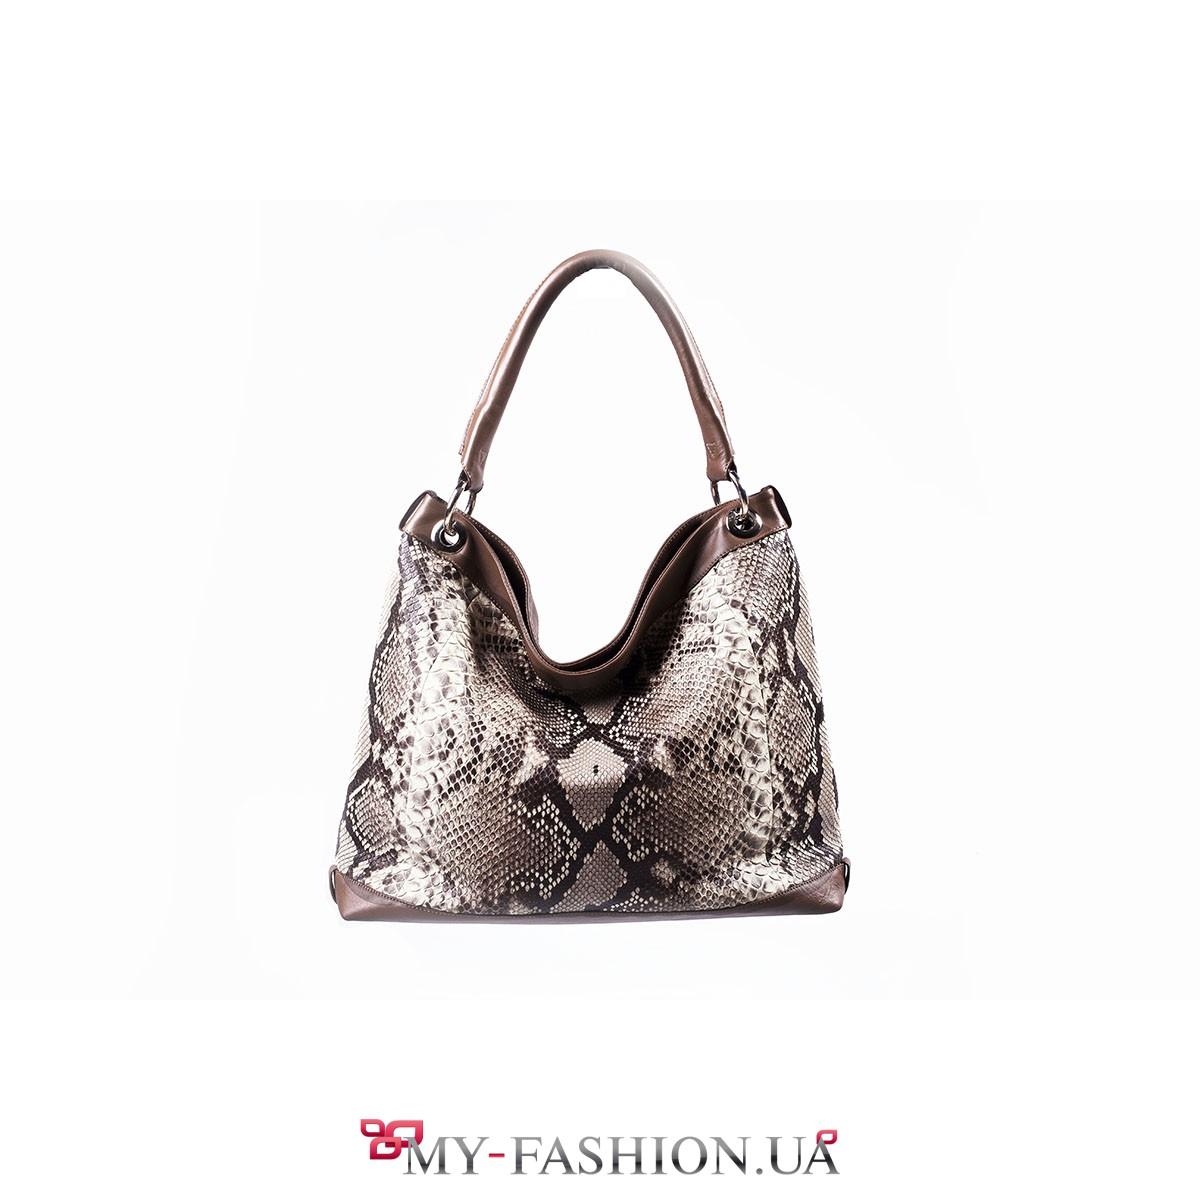 1f8ade667080 Комбинированная женская сумка из кожи питона купить в интернет ...